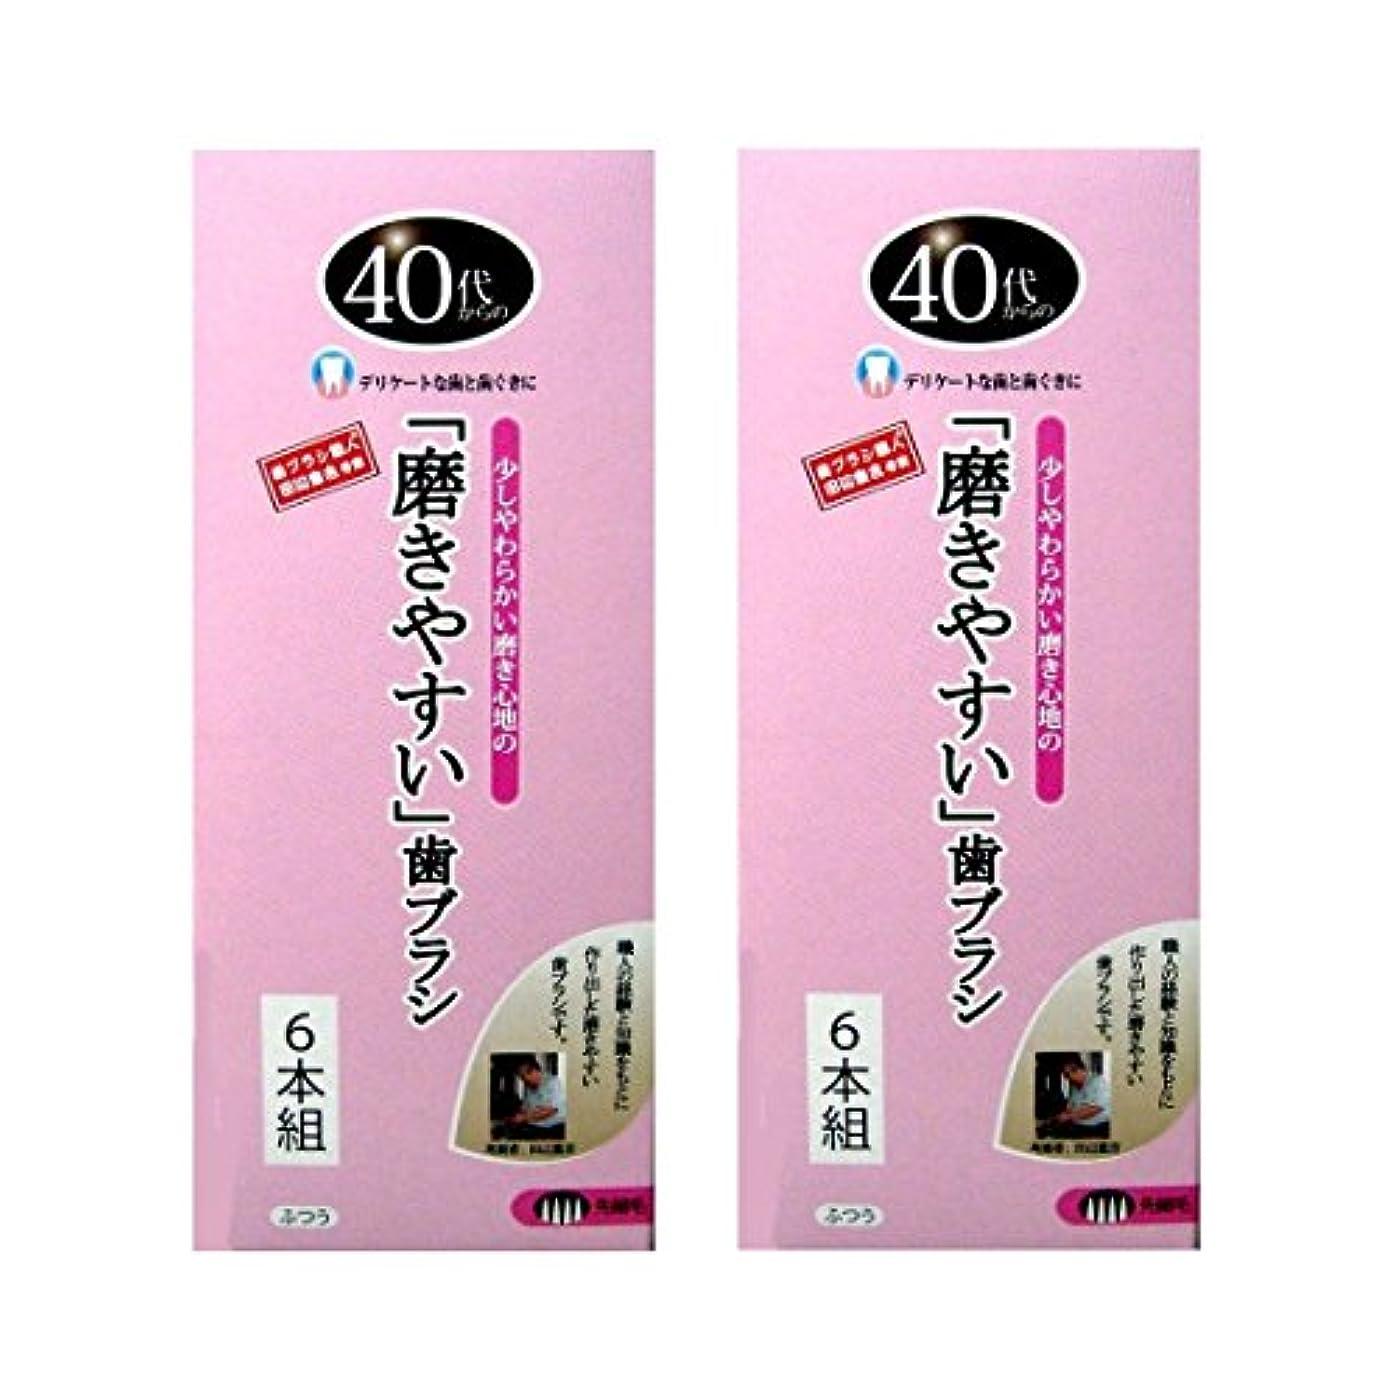 社会染色混沌歯ブラシ職人 田辺重吉考案 40代からの磨きやすい歯ブラシ 先細 6本組×2個セット